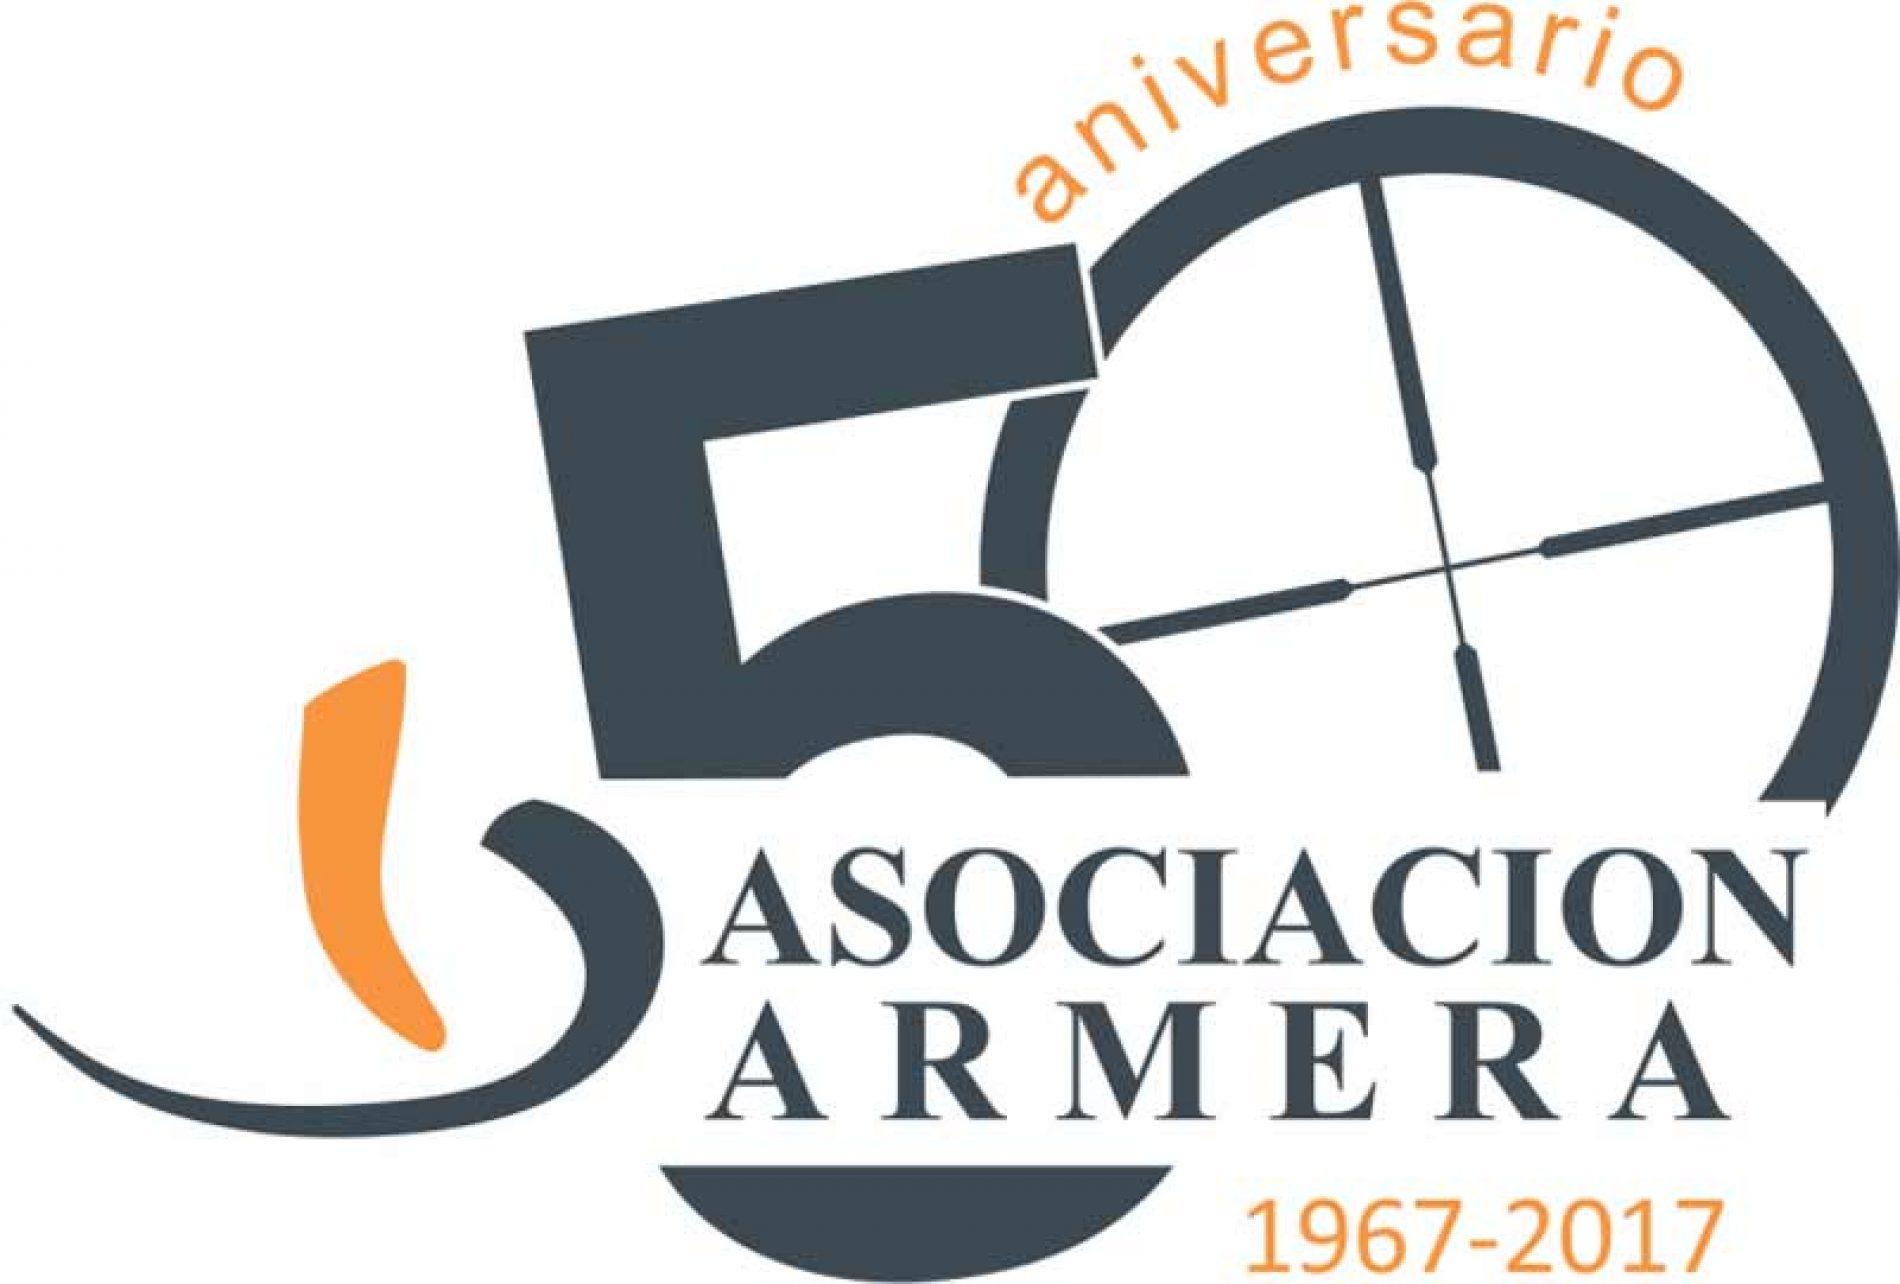 La Asociación Armera cumple 50 años en continua adaptación